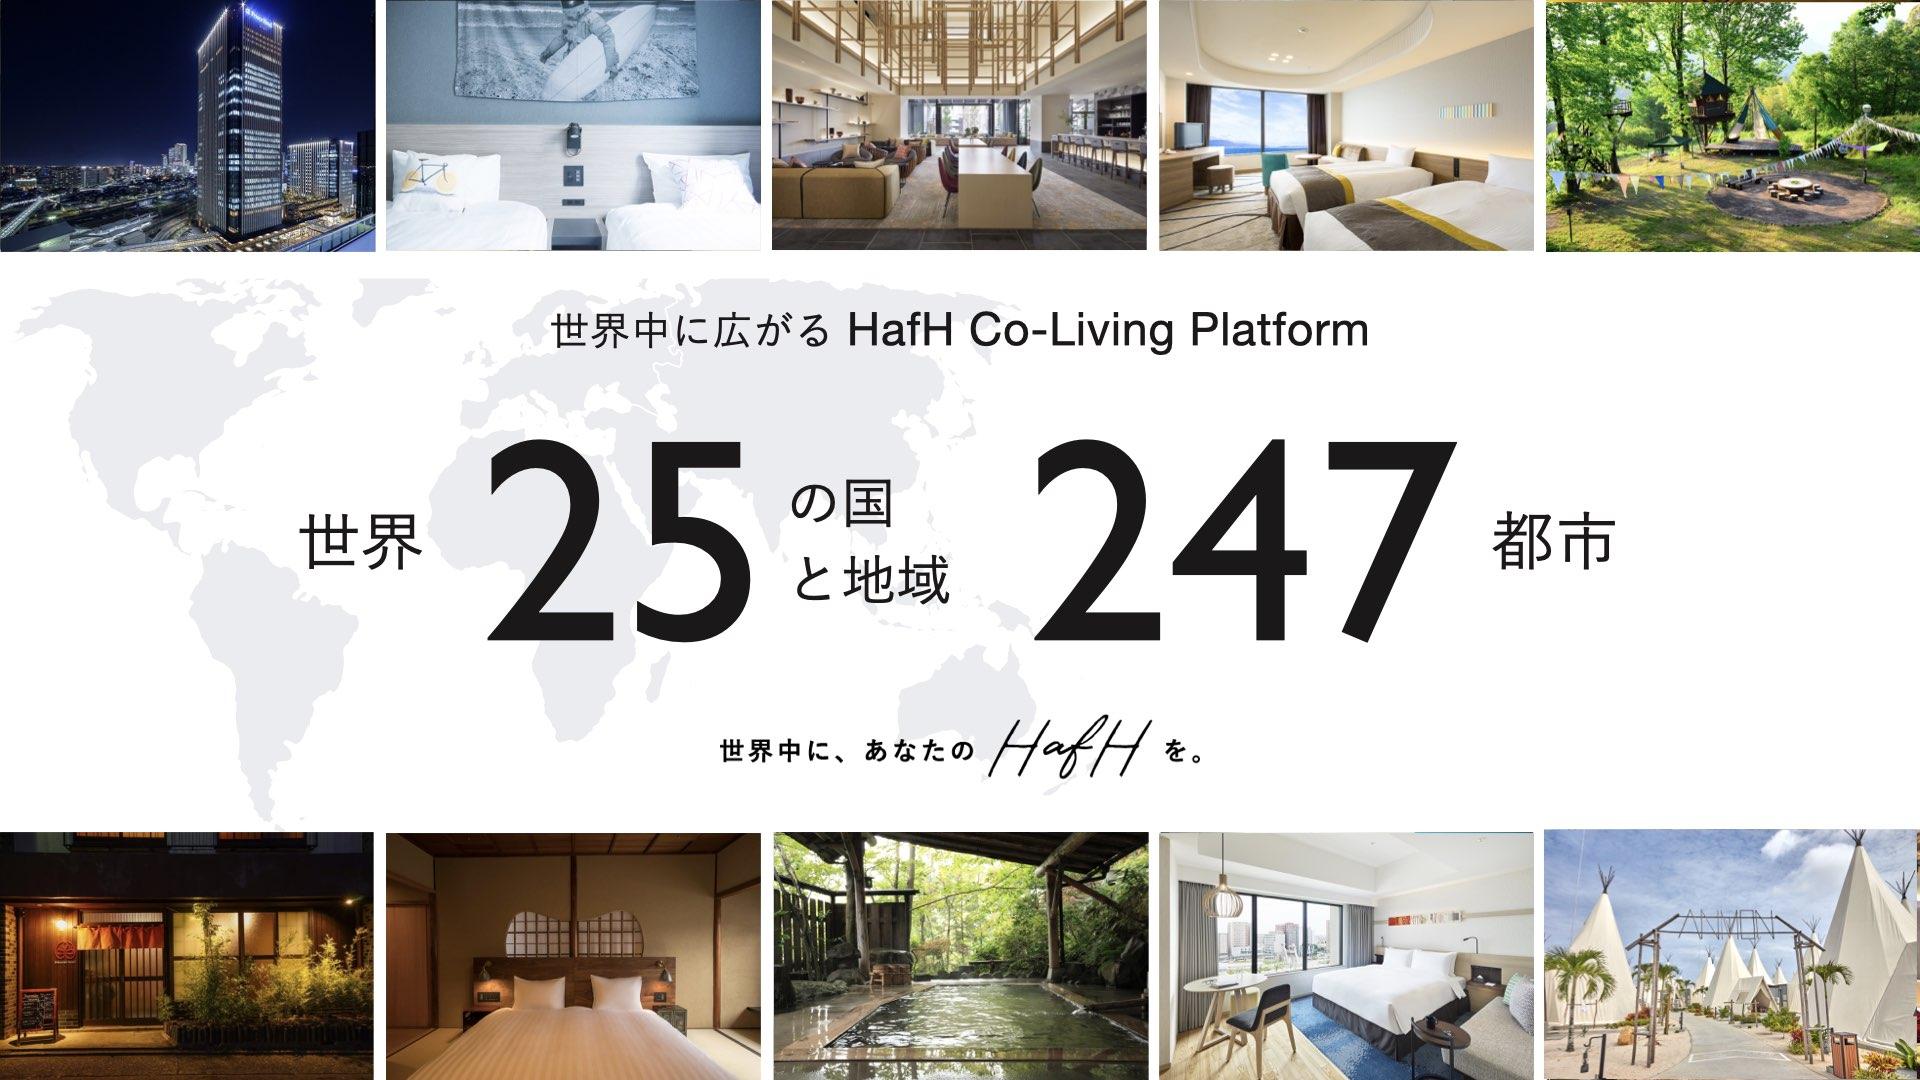 【2020年10月】今日(10/28)から新たに利用可能なHafH(ハフ)新拠点を発表 〜プリンスホテル、ハイアットハウス 金沢など、人気ホテルを含む400拠点が利用可能に!〜